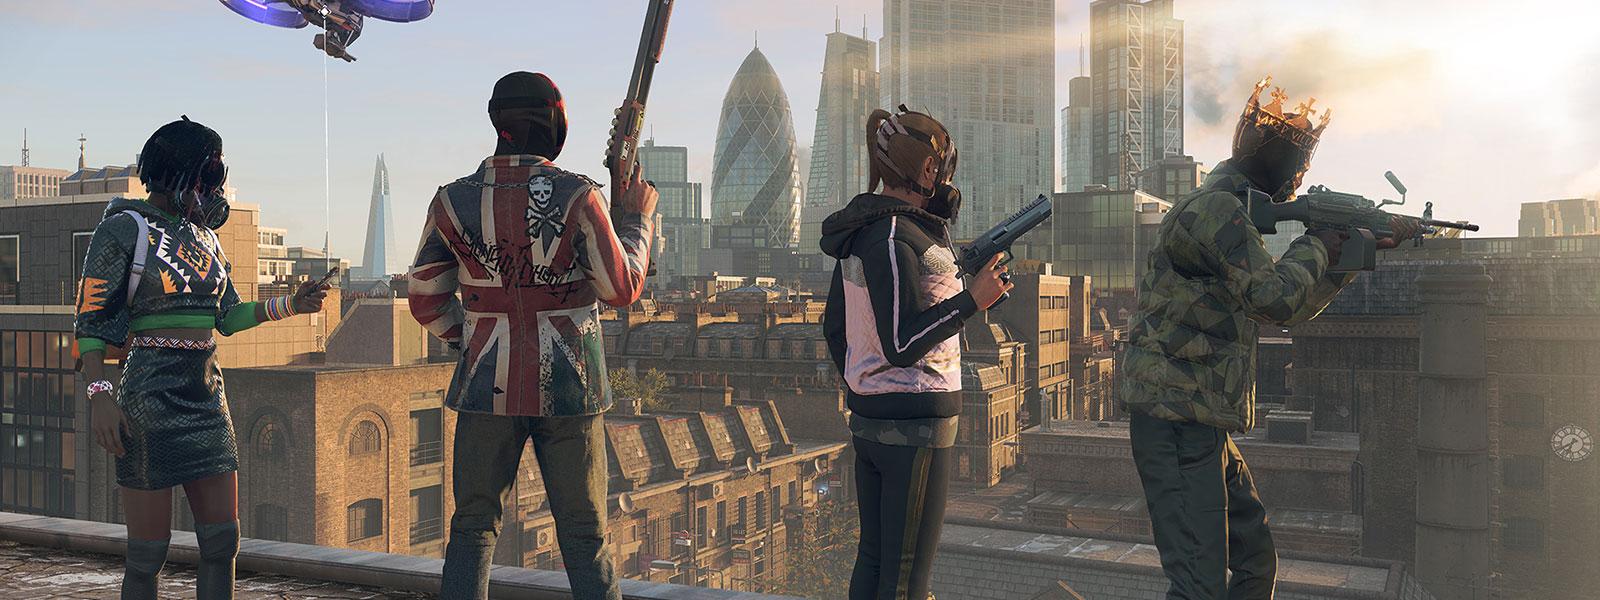 Personajes alineados en un tejado con máscaras y armas listos, mirando hacia la ciudad